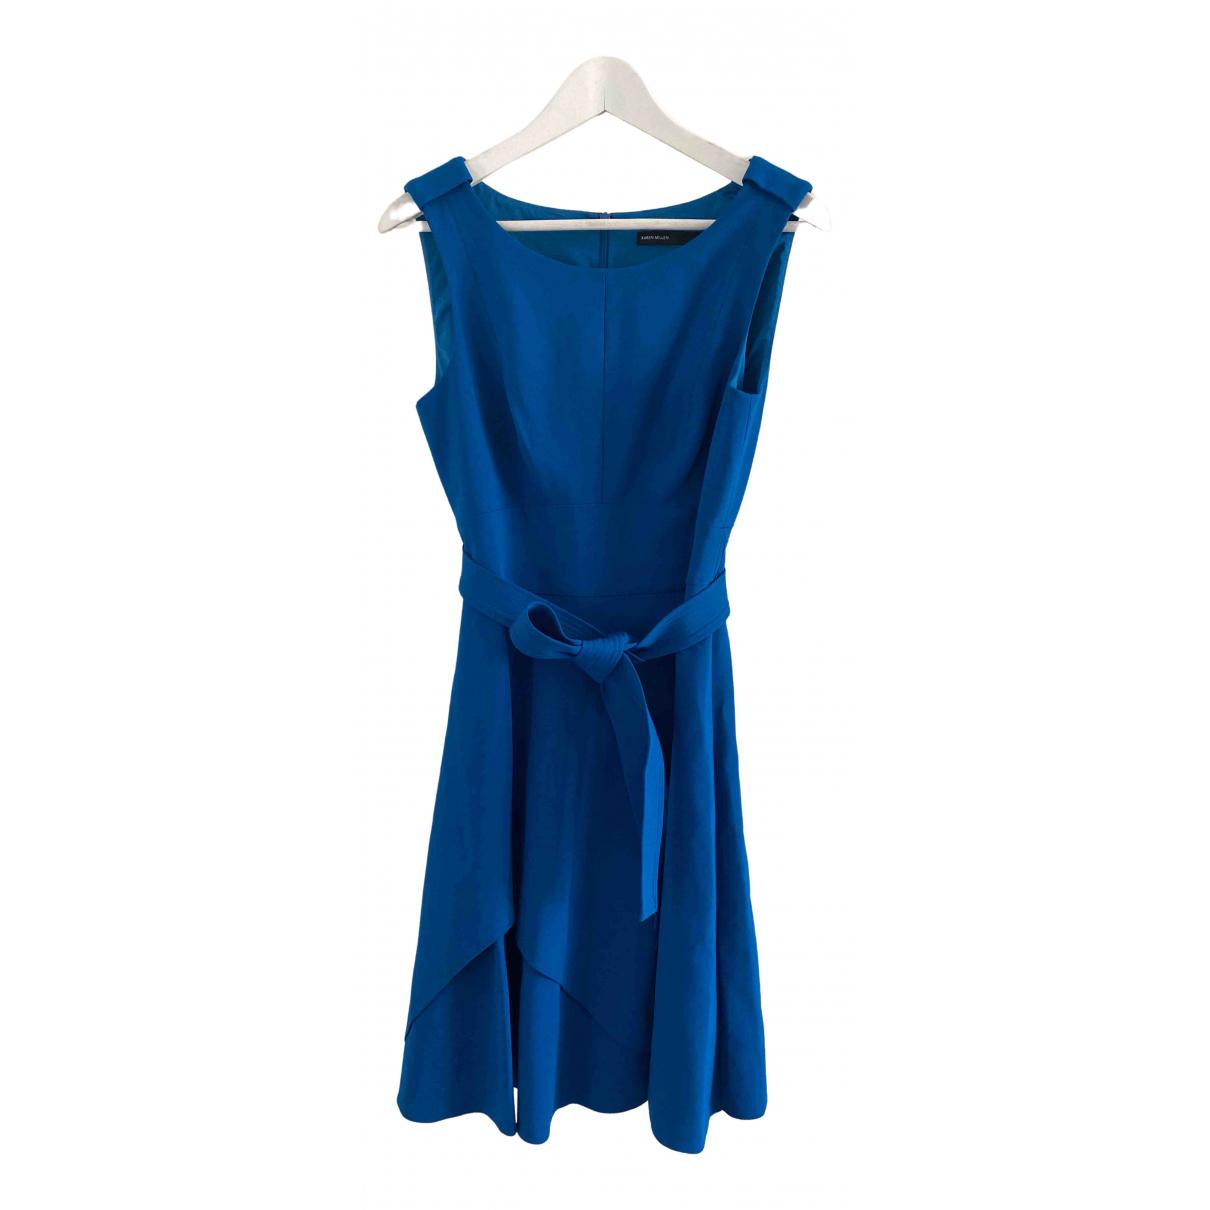 Karen Millen \N Kleid in  Blau Viskose